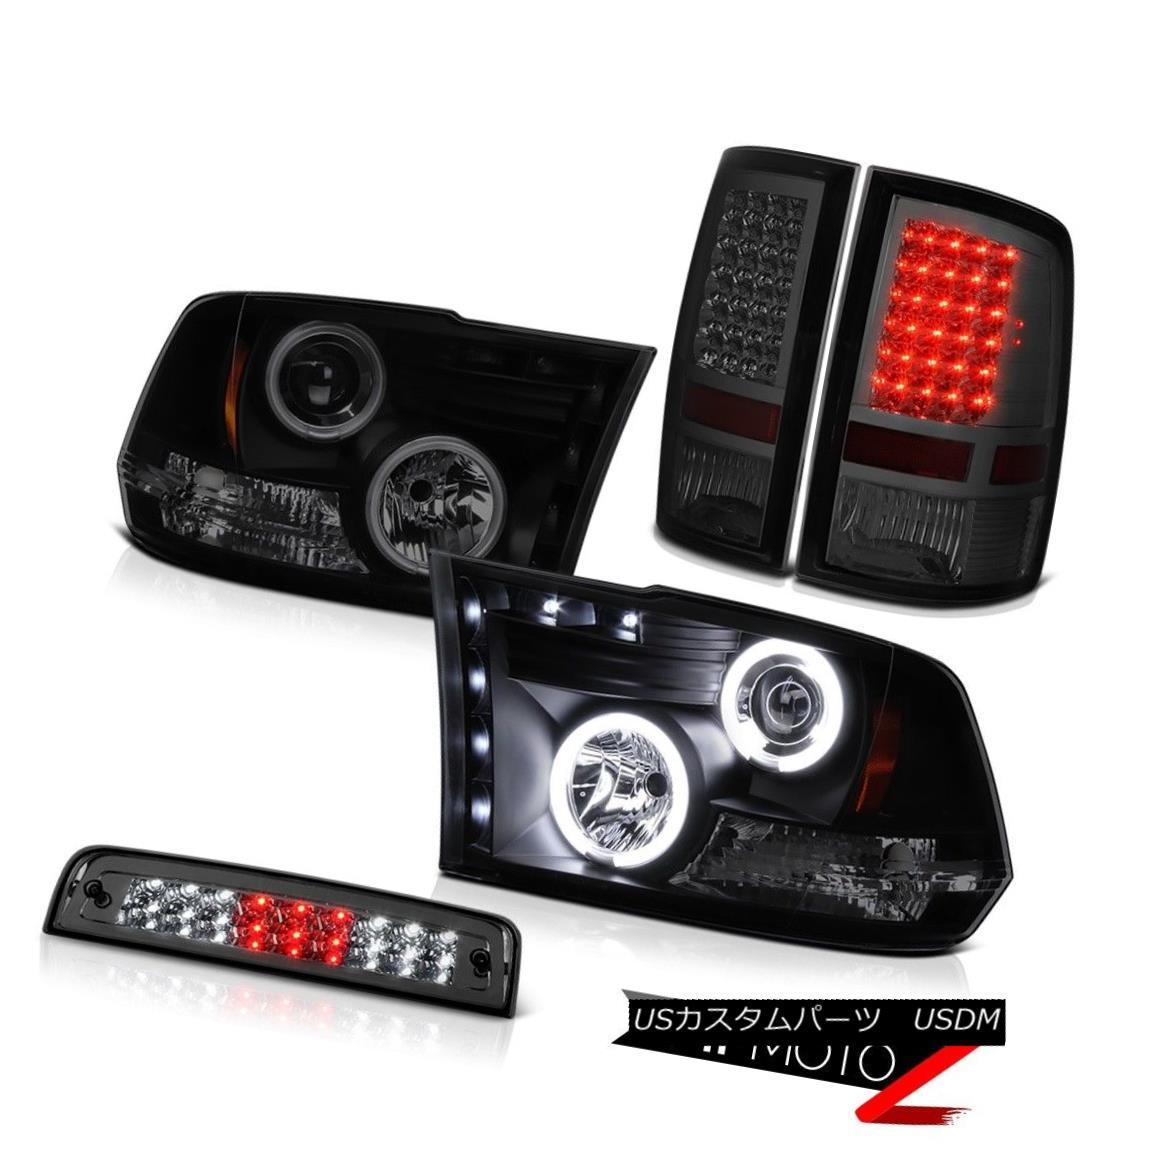 テールライト 2010-2018 Dodge Ram 3500 SLT Roof Cab Light Rear Brake Lamps Headlamps LED Cool 2010-2018 Dodge Ram 3500 SLTルーフキャブライトリアブレーキランプヘッドランプLEDクール